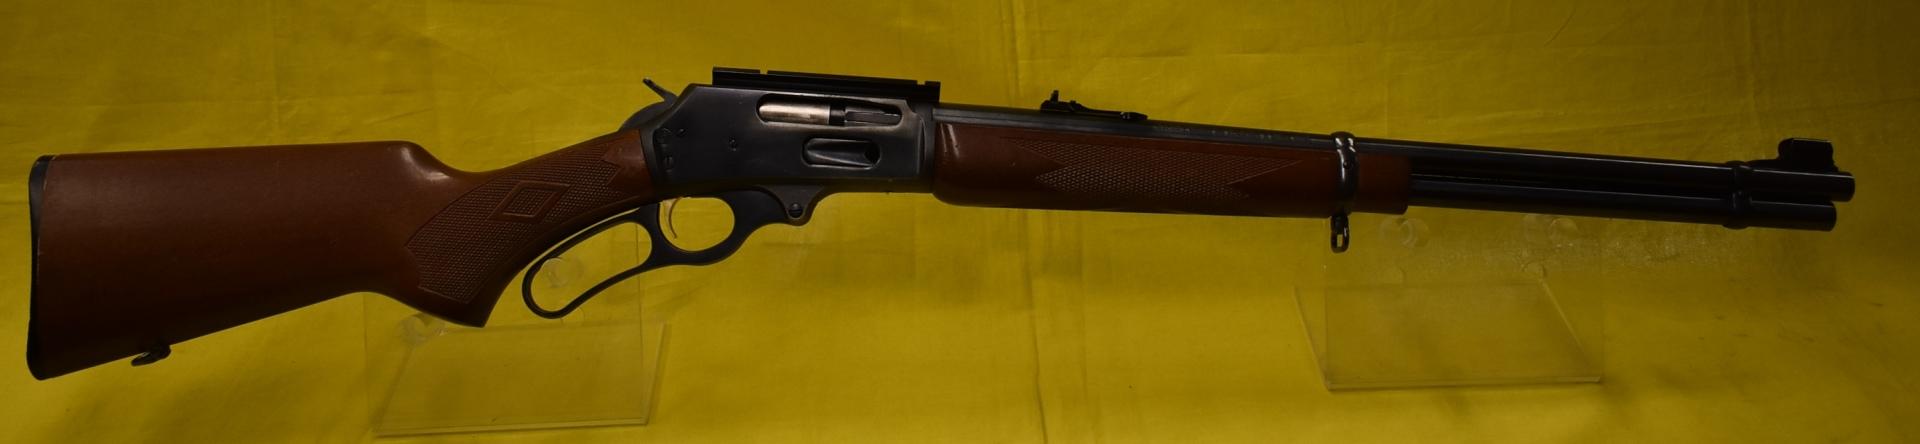 Marlin Model 336W